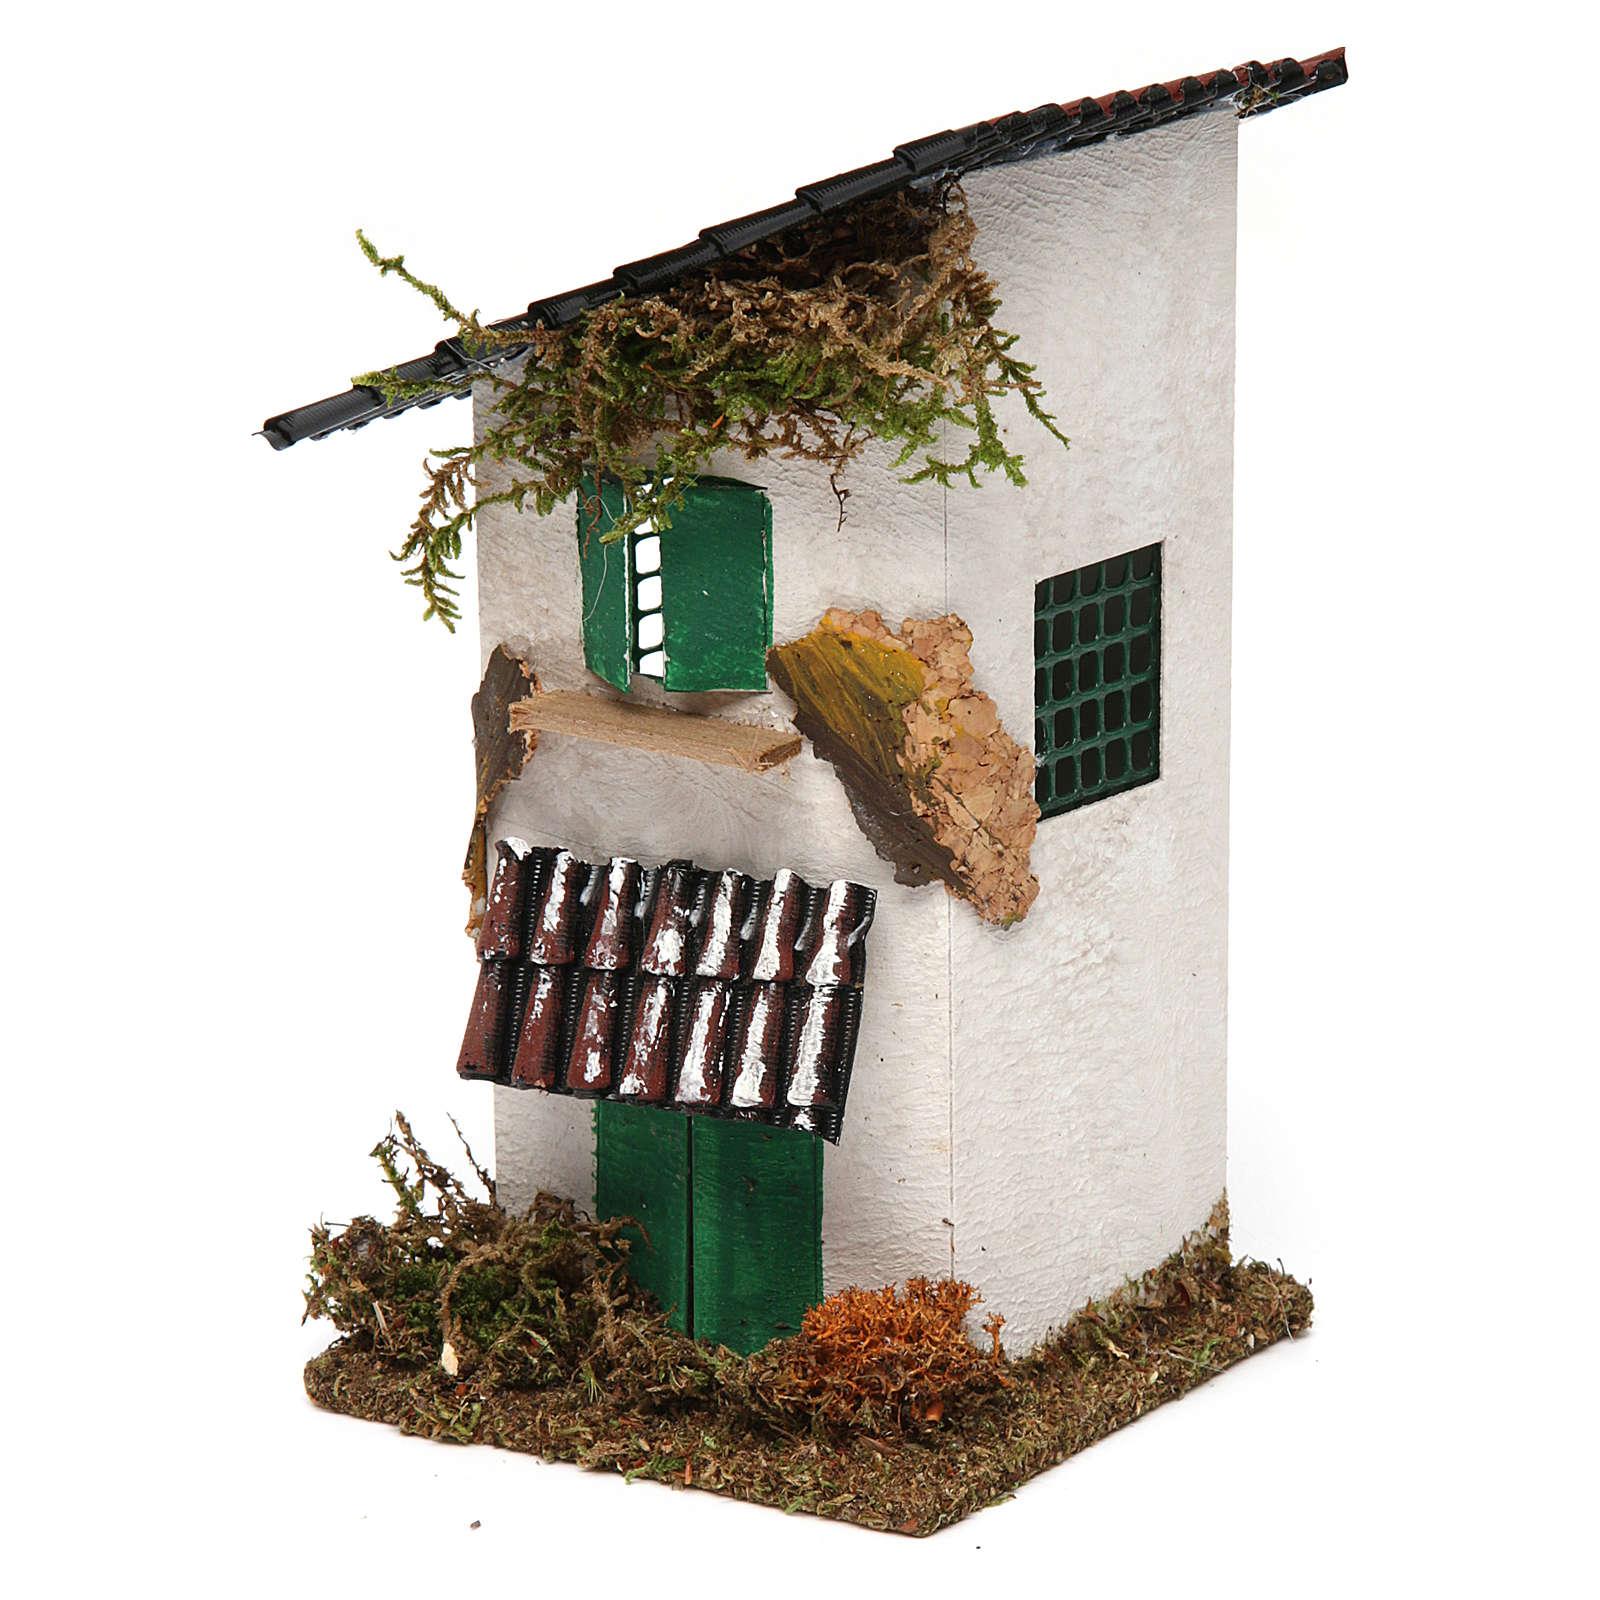 Casa rustica con tettoia 15x10x10 cm 4